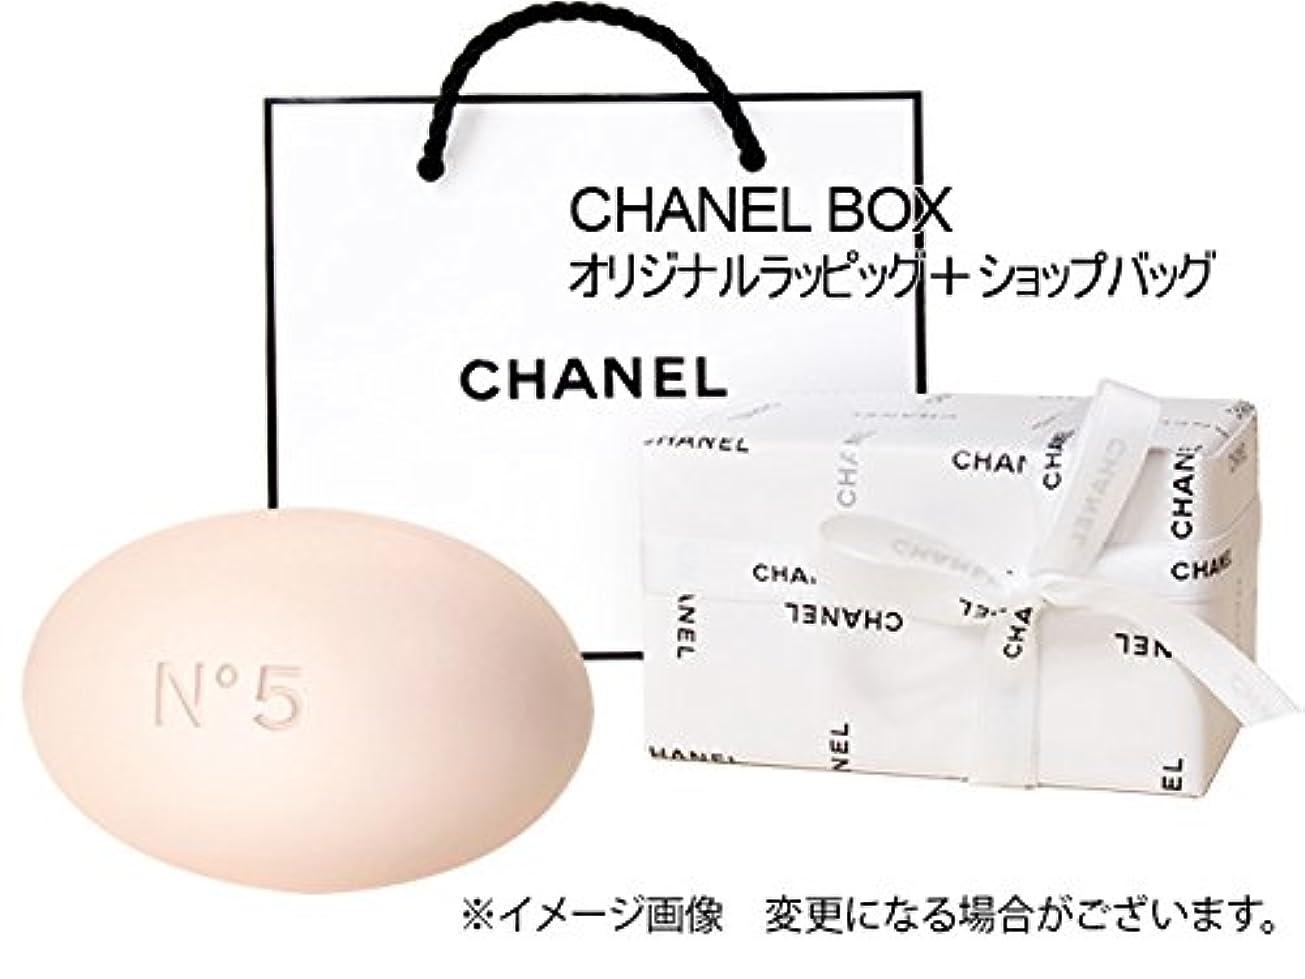 ラインナップ把握確認シャネル(CHANEL) N°5 サヴォン 150g CHANEL BOX オリジナルラッピング+ショップバッグ[並行輸入品]